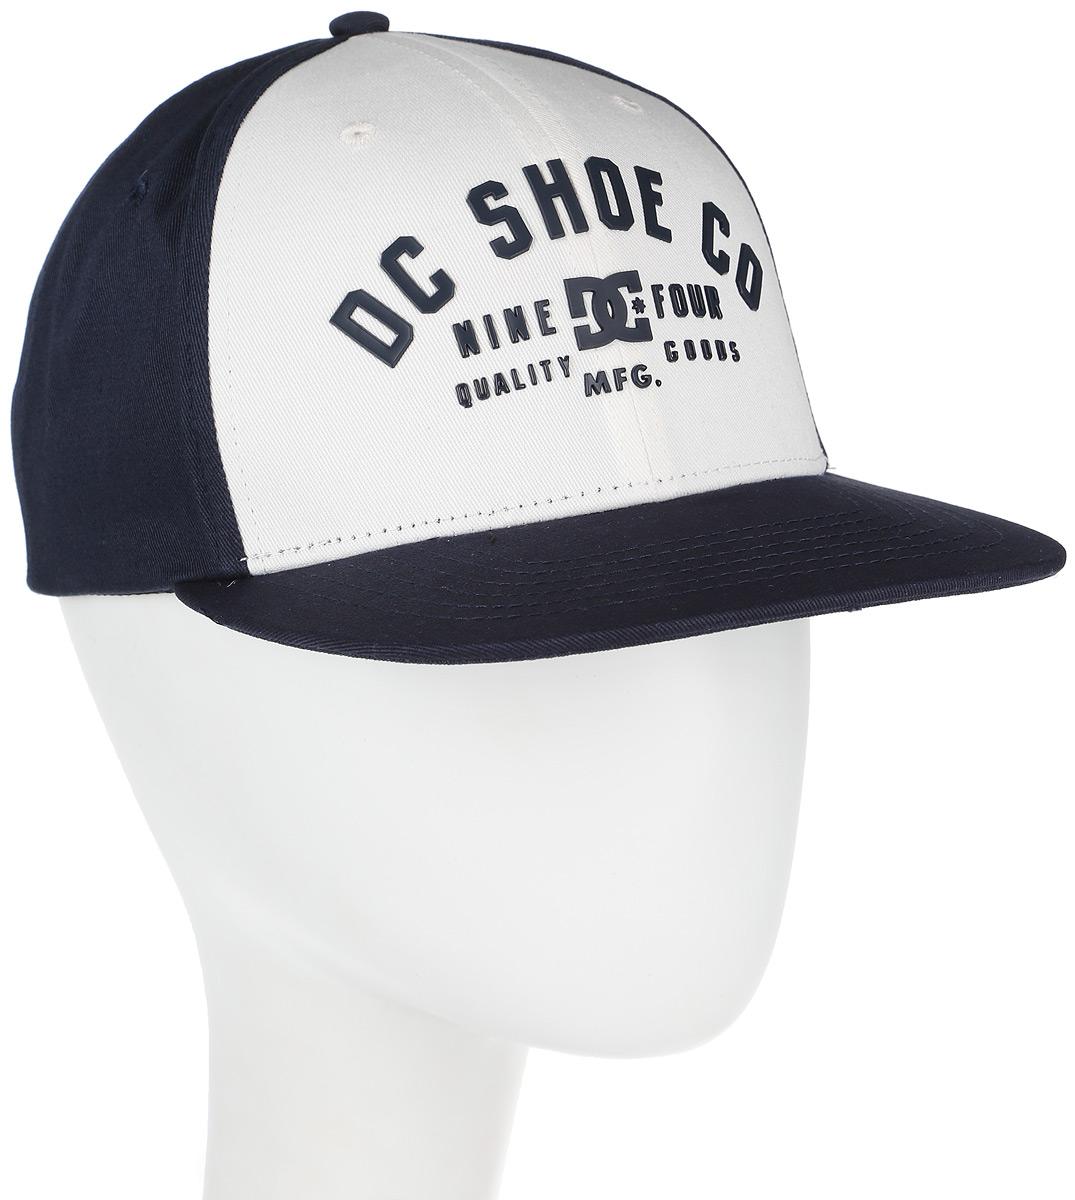 Бейсболка мужская DC Shoes Garver, цвет: белый, черный. ADYHA03426-WBB0. Размер универсальный tommee tippee утилизатор подгузников sangenic 1 шт